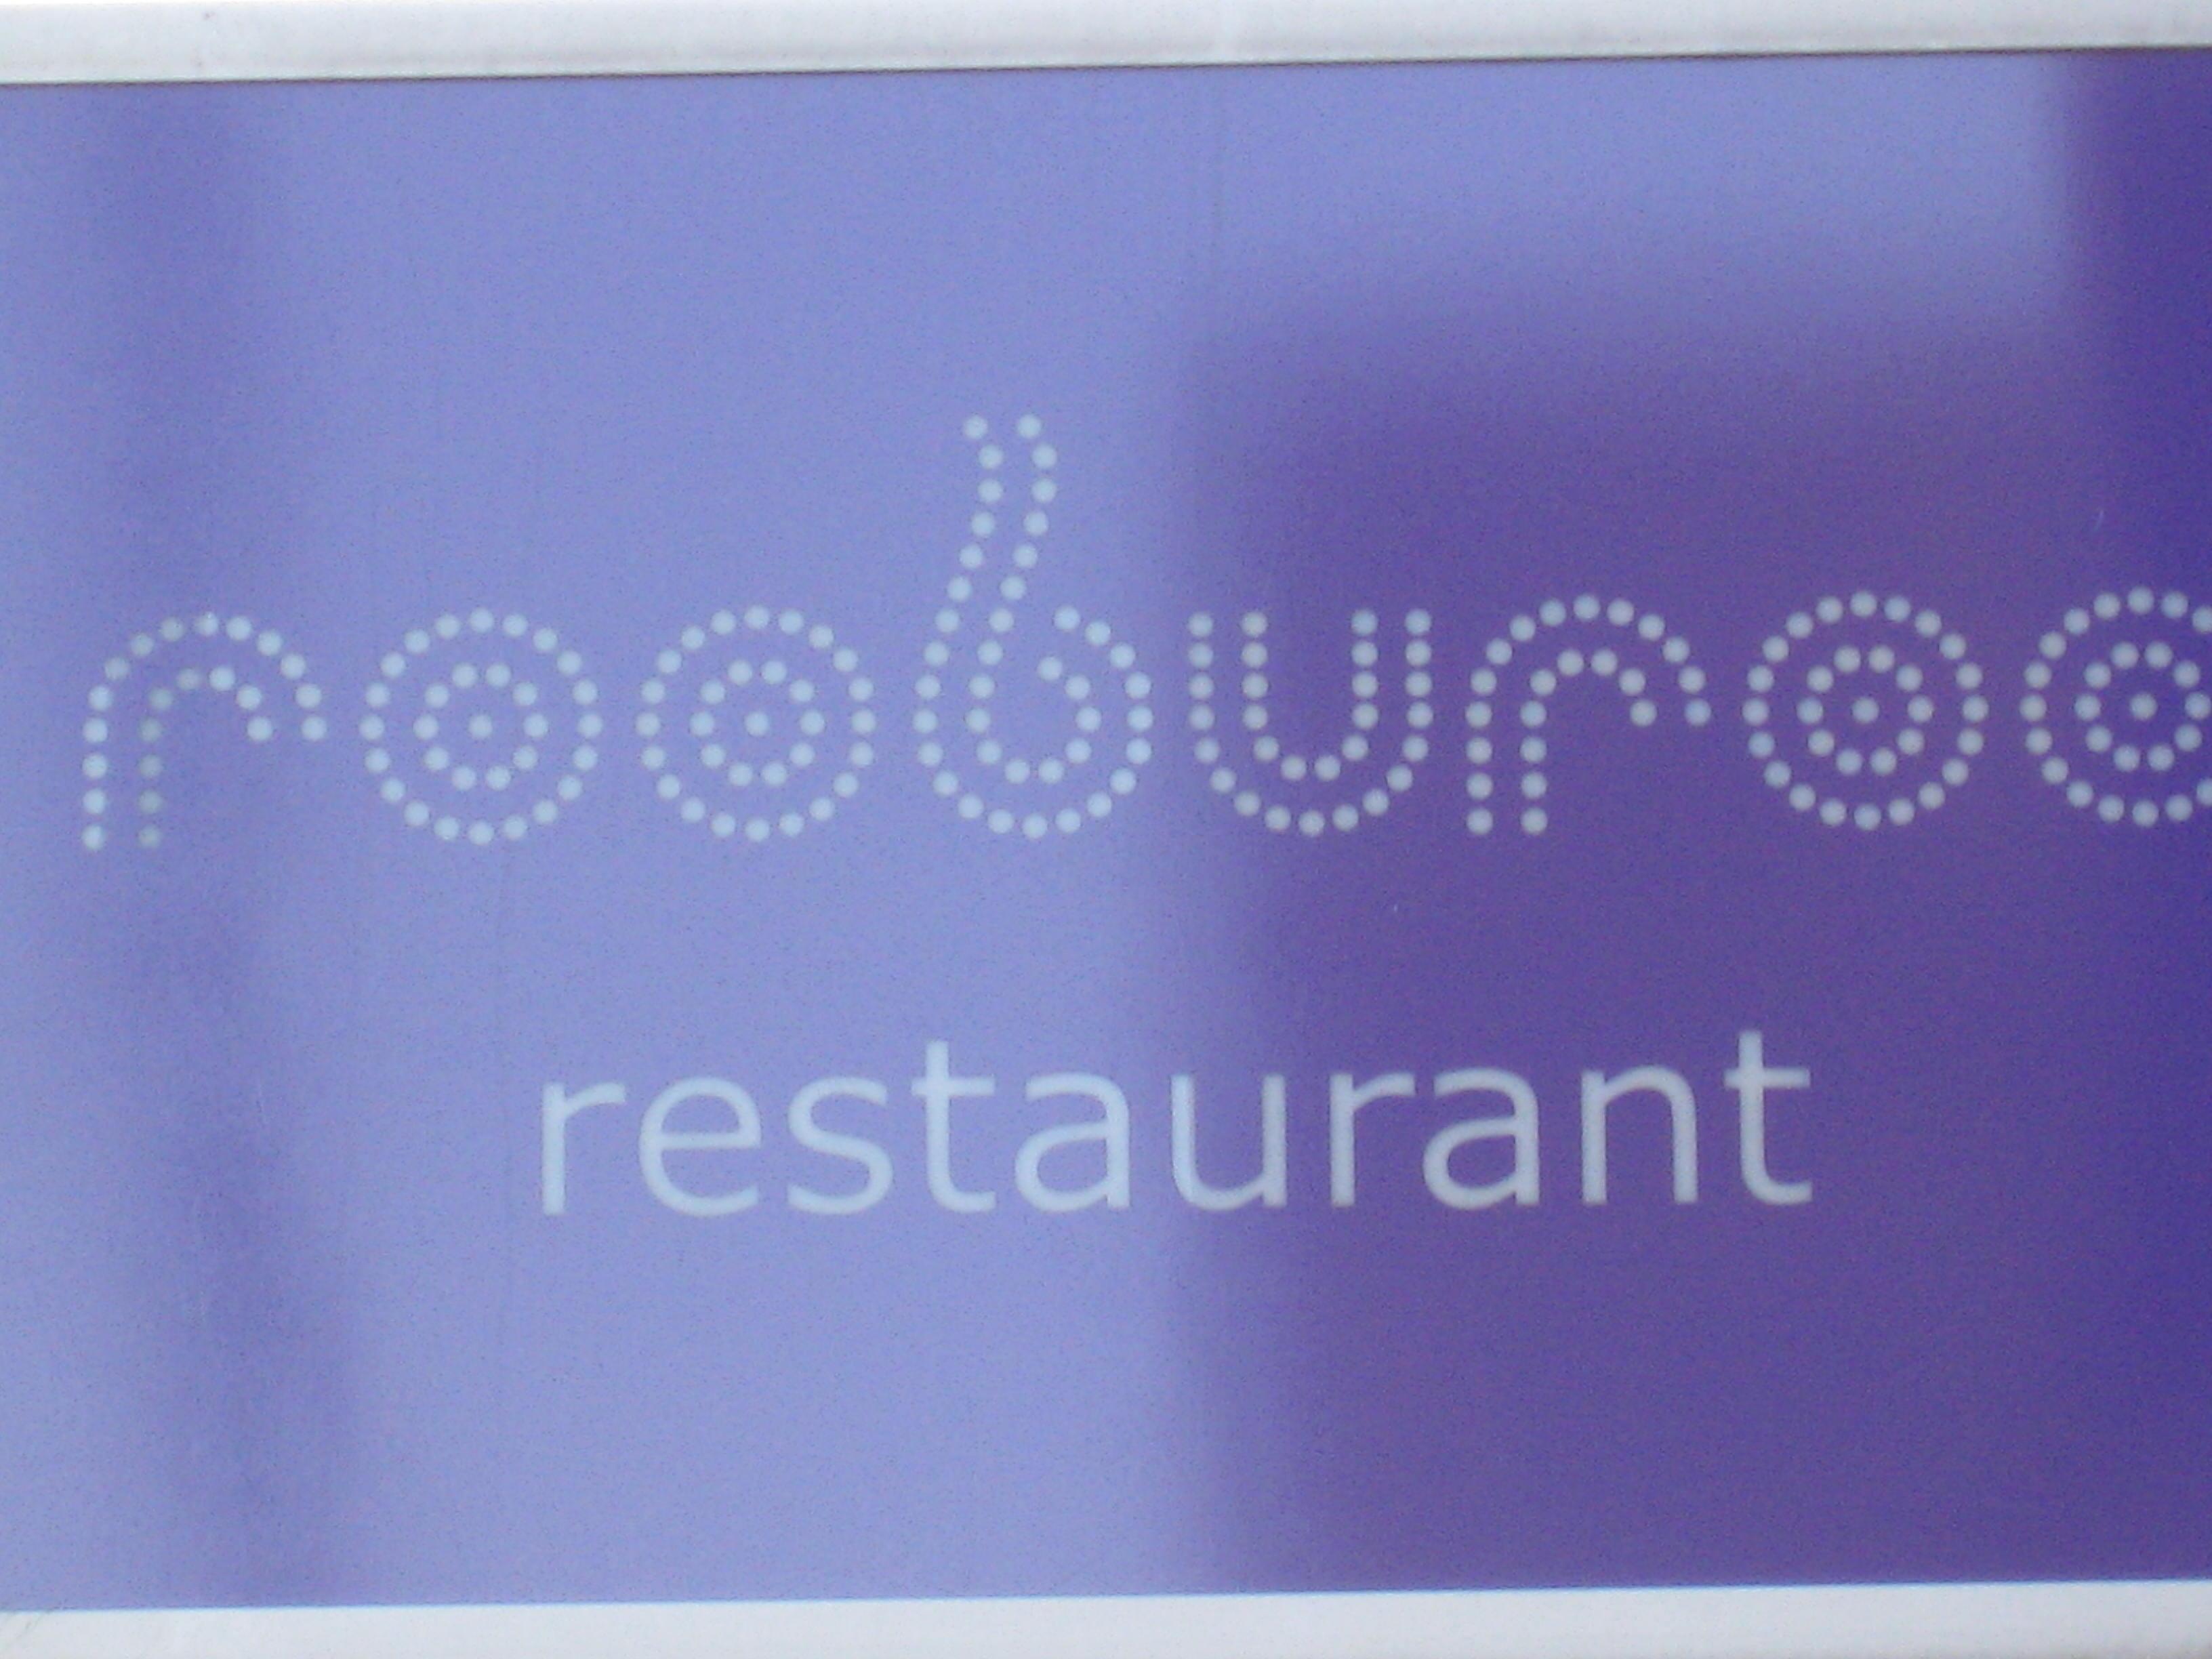 Rooburoo London